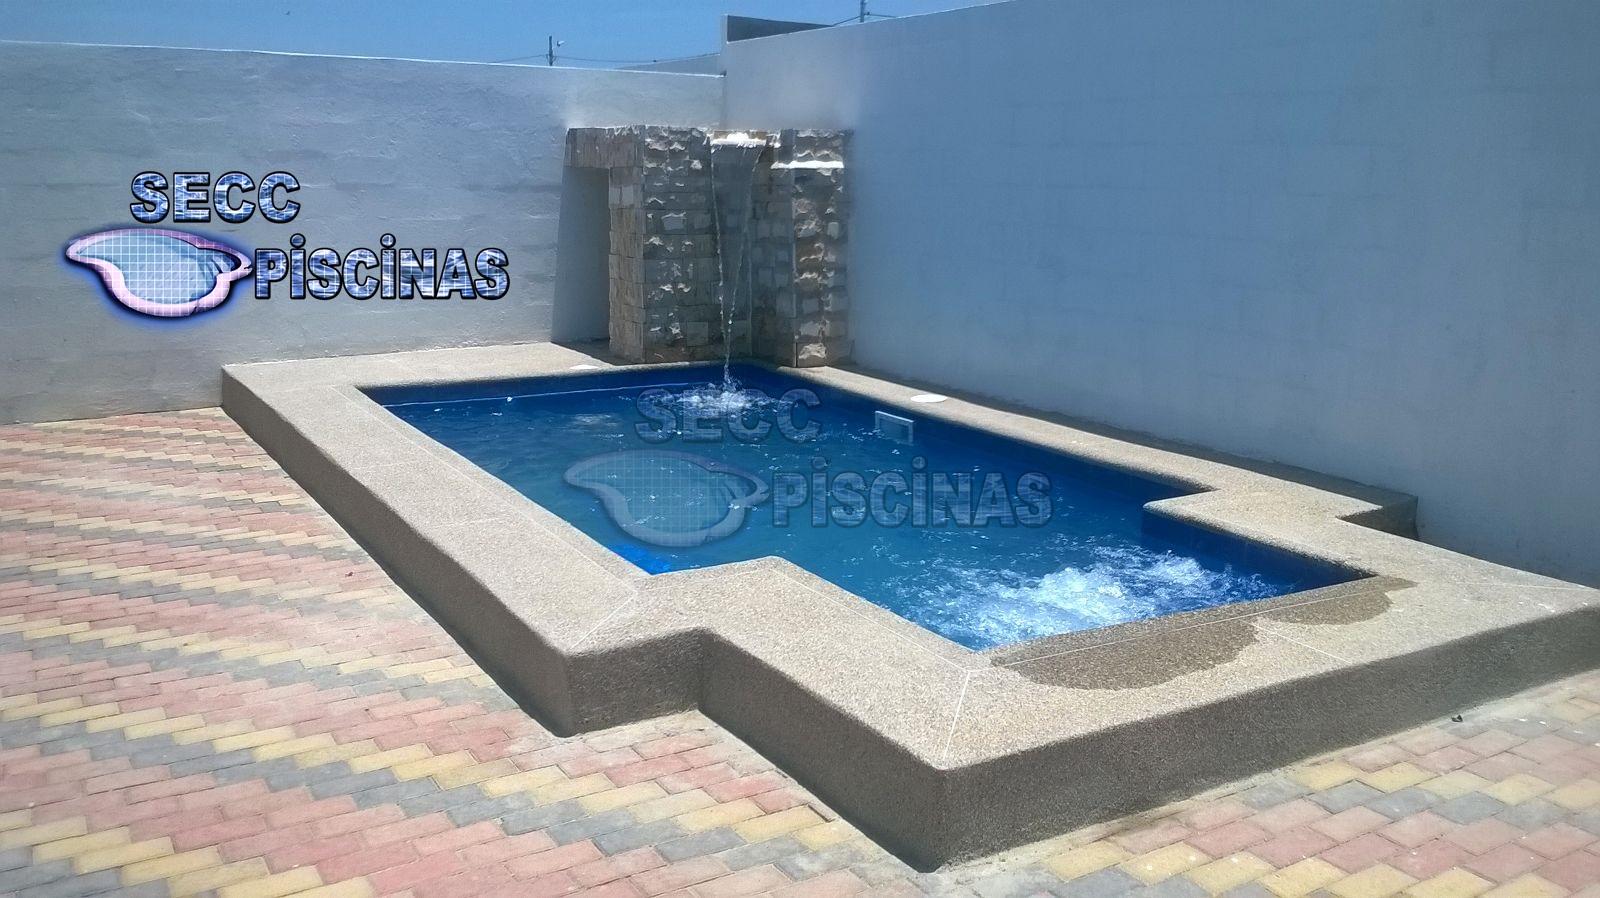 Secc piscinas piscinas con jacuzzi incorporado for Modelos de jacuzzi en concreto